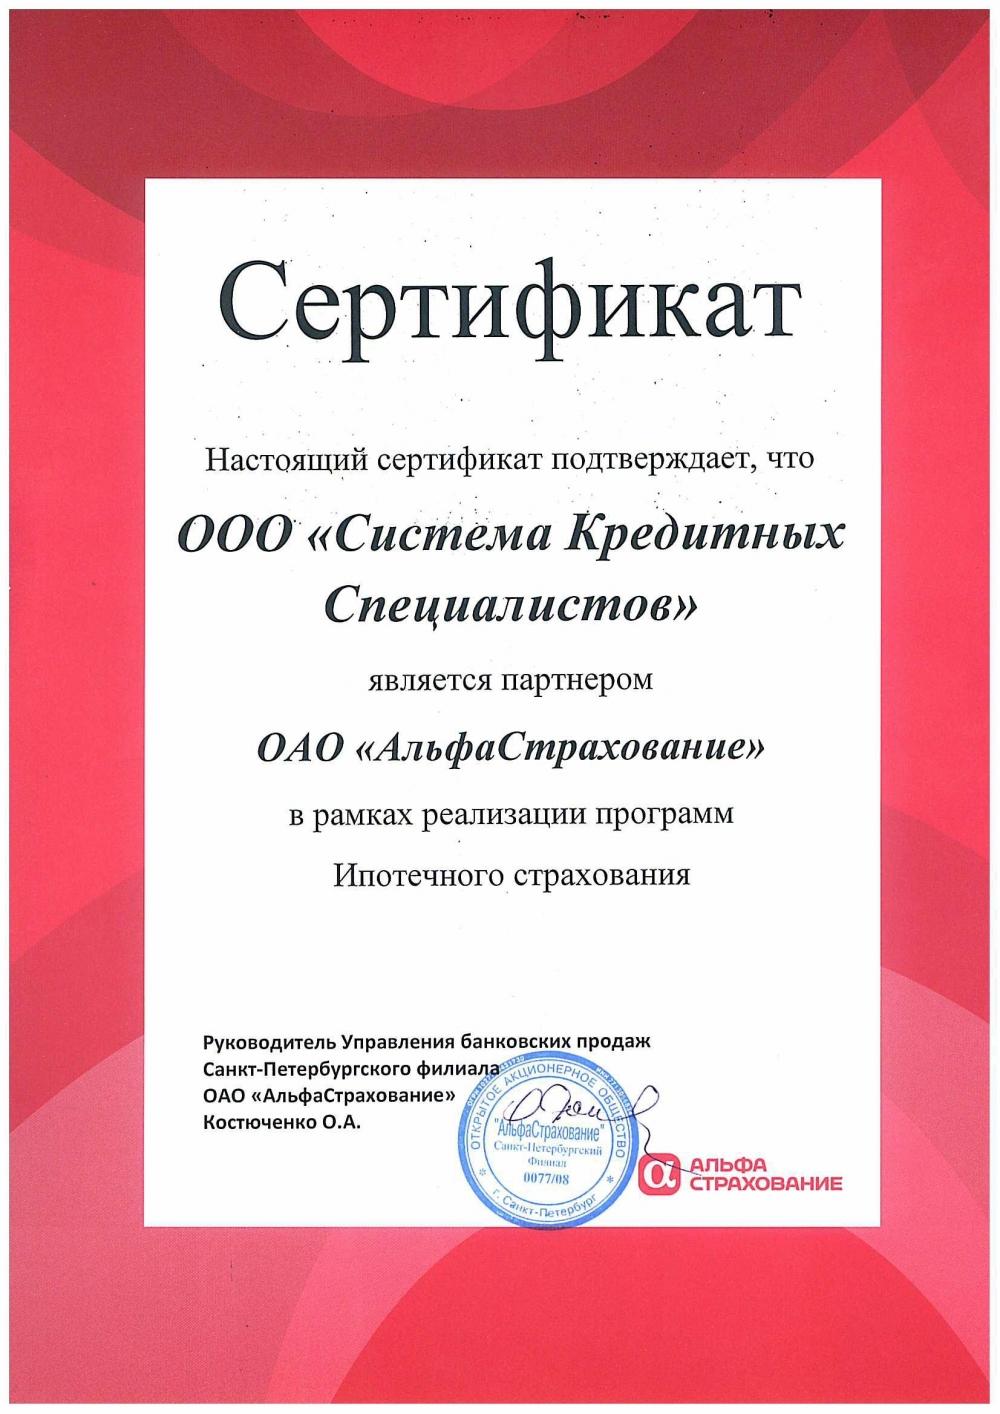 Кредит в банке 500000 рублей